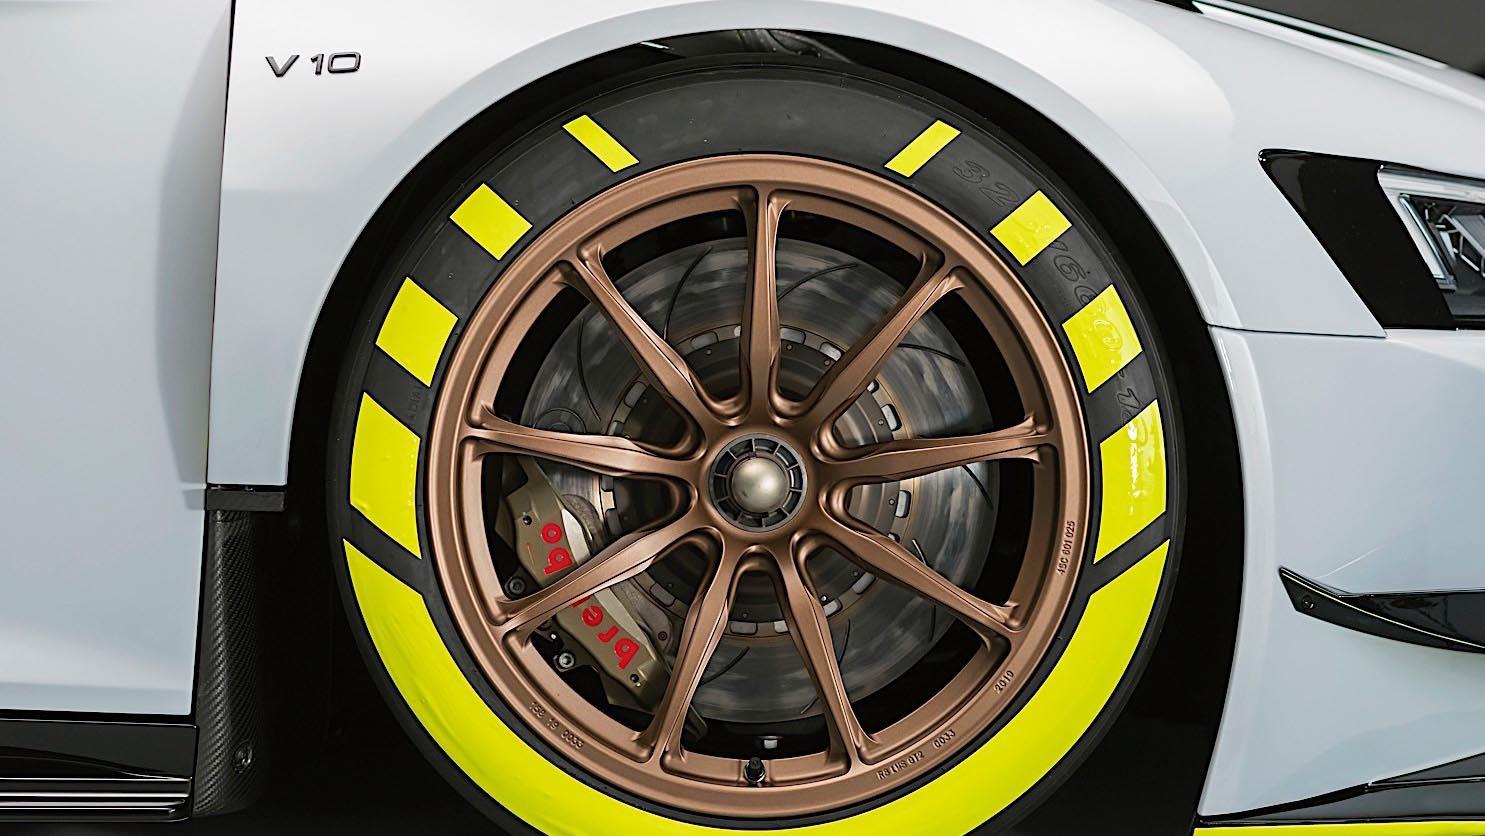 2020 Audi R8 LMS GT2 колеса